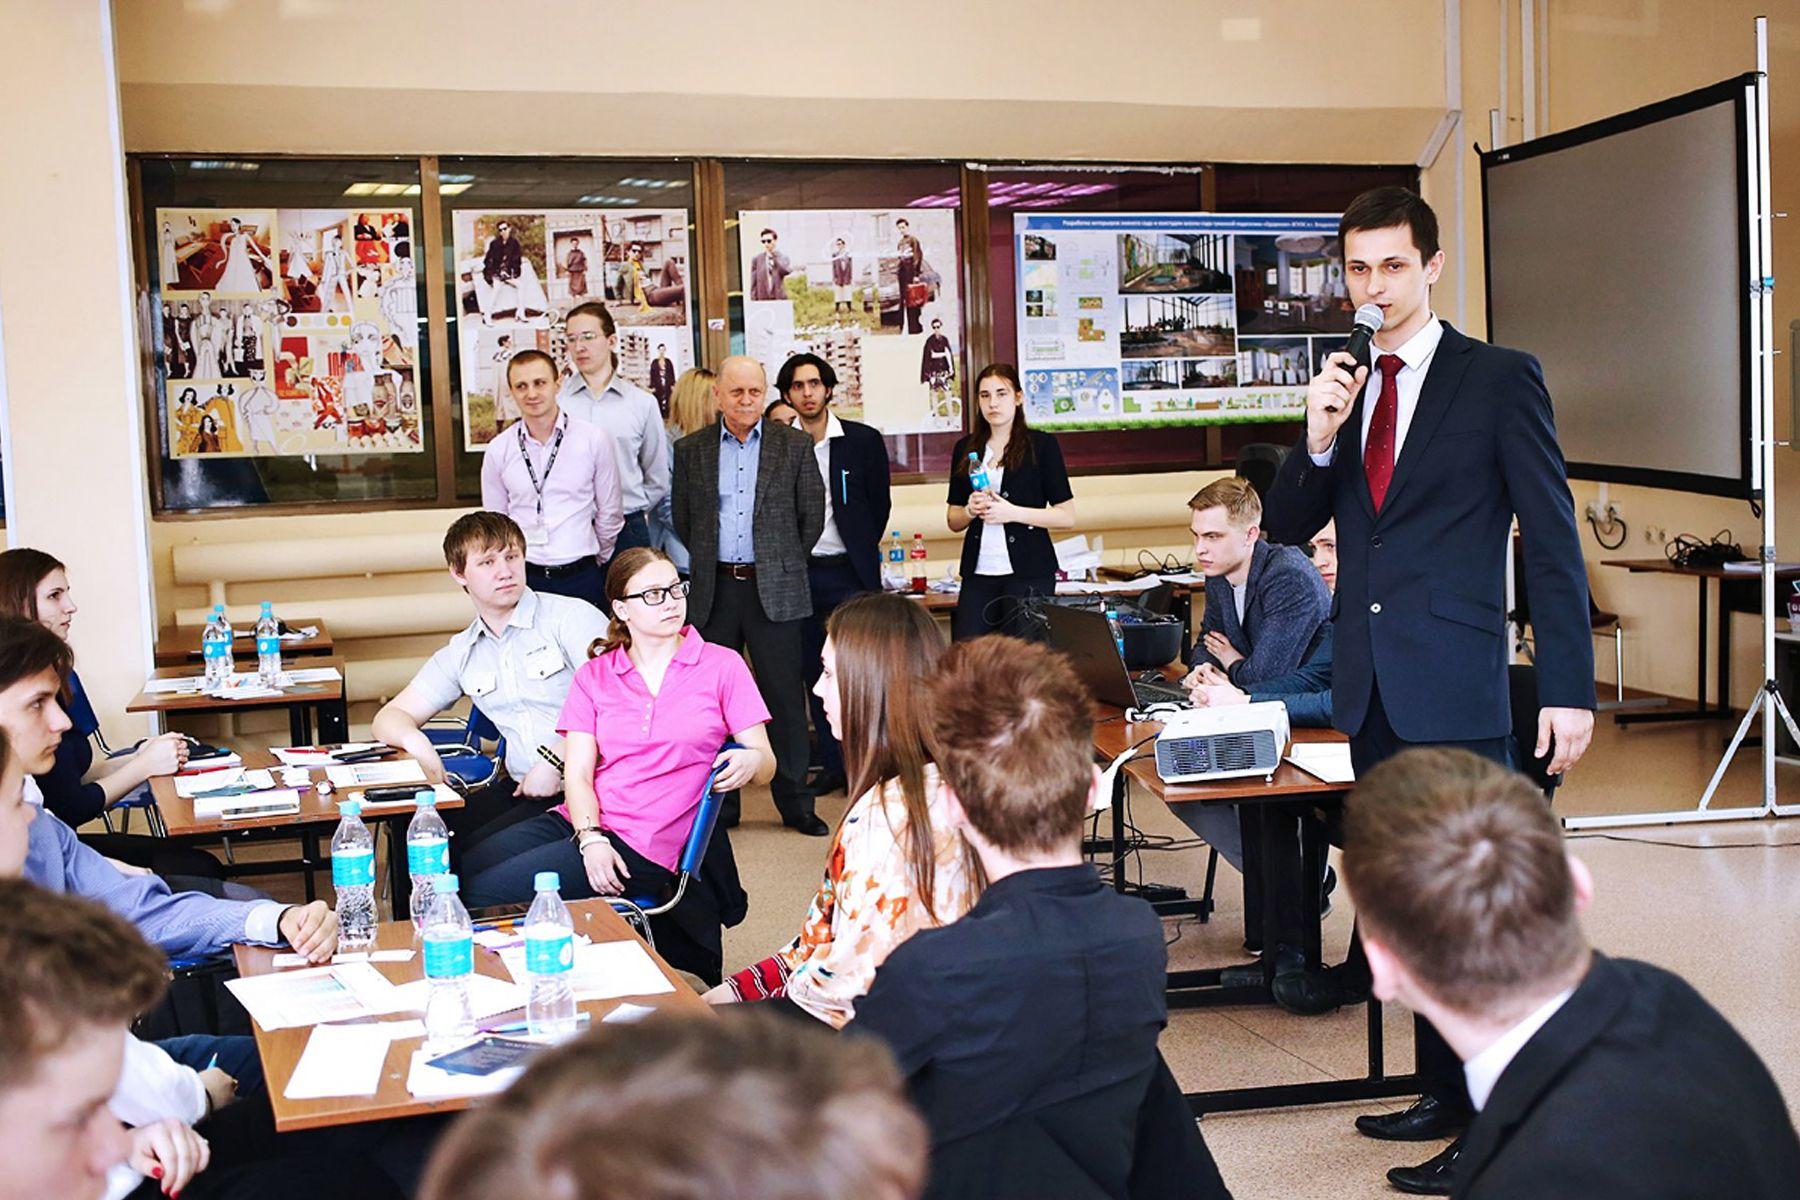 Поддержка студенческих инициатив во ВГУЭС: финансирование проектов, площадки для самореализации и Коворкинг-центры